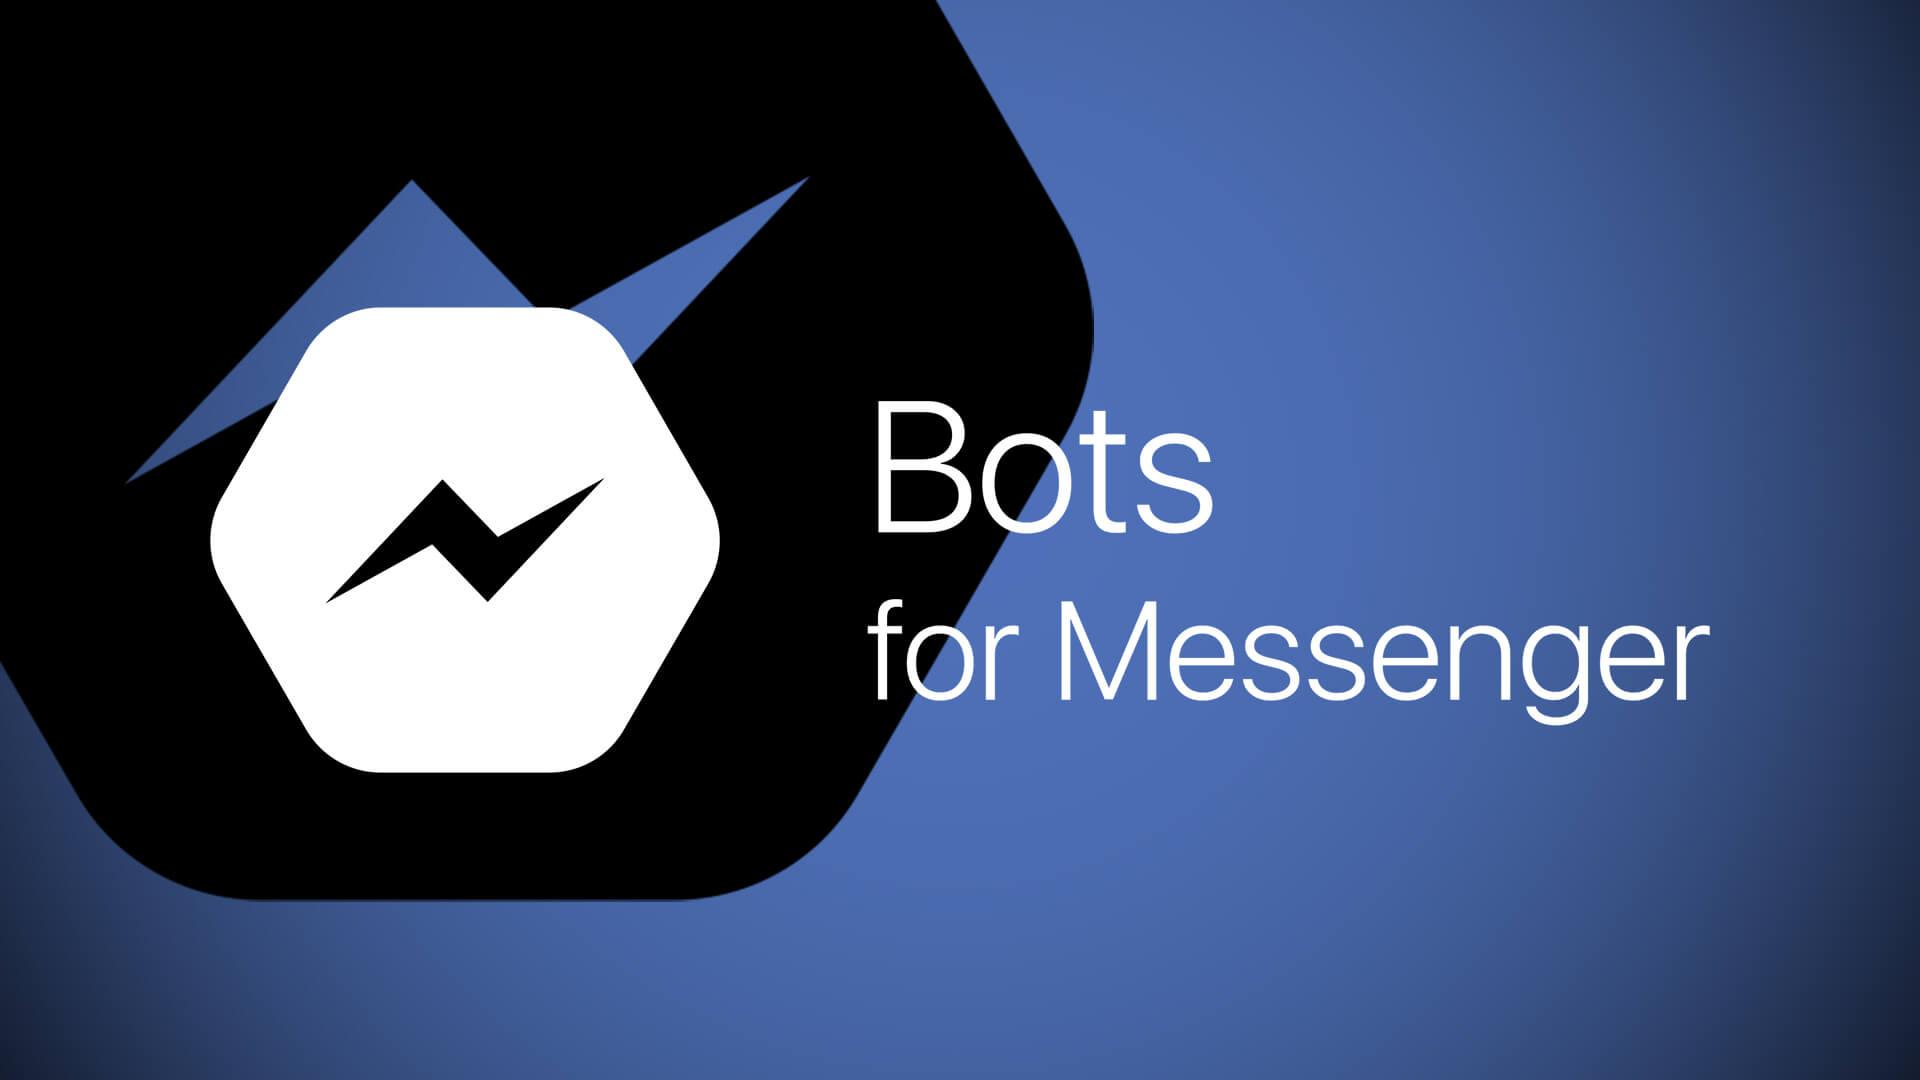 facebook-bots-messenger2-1920